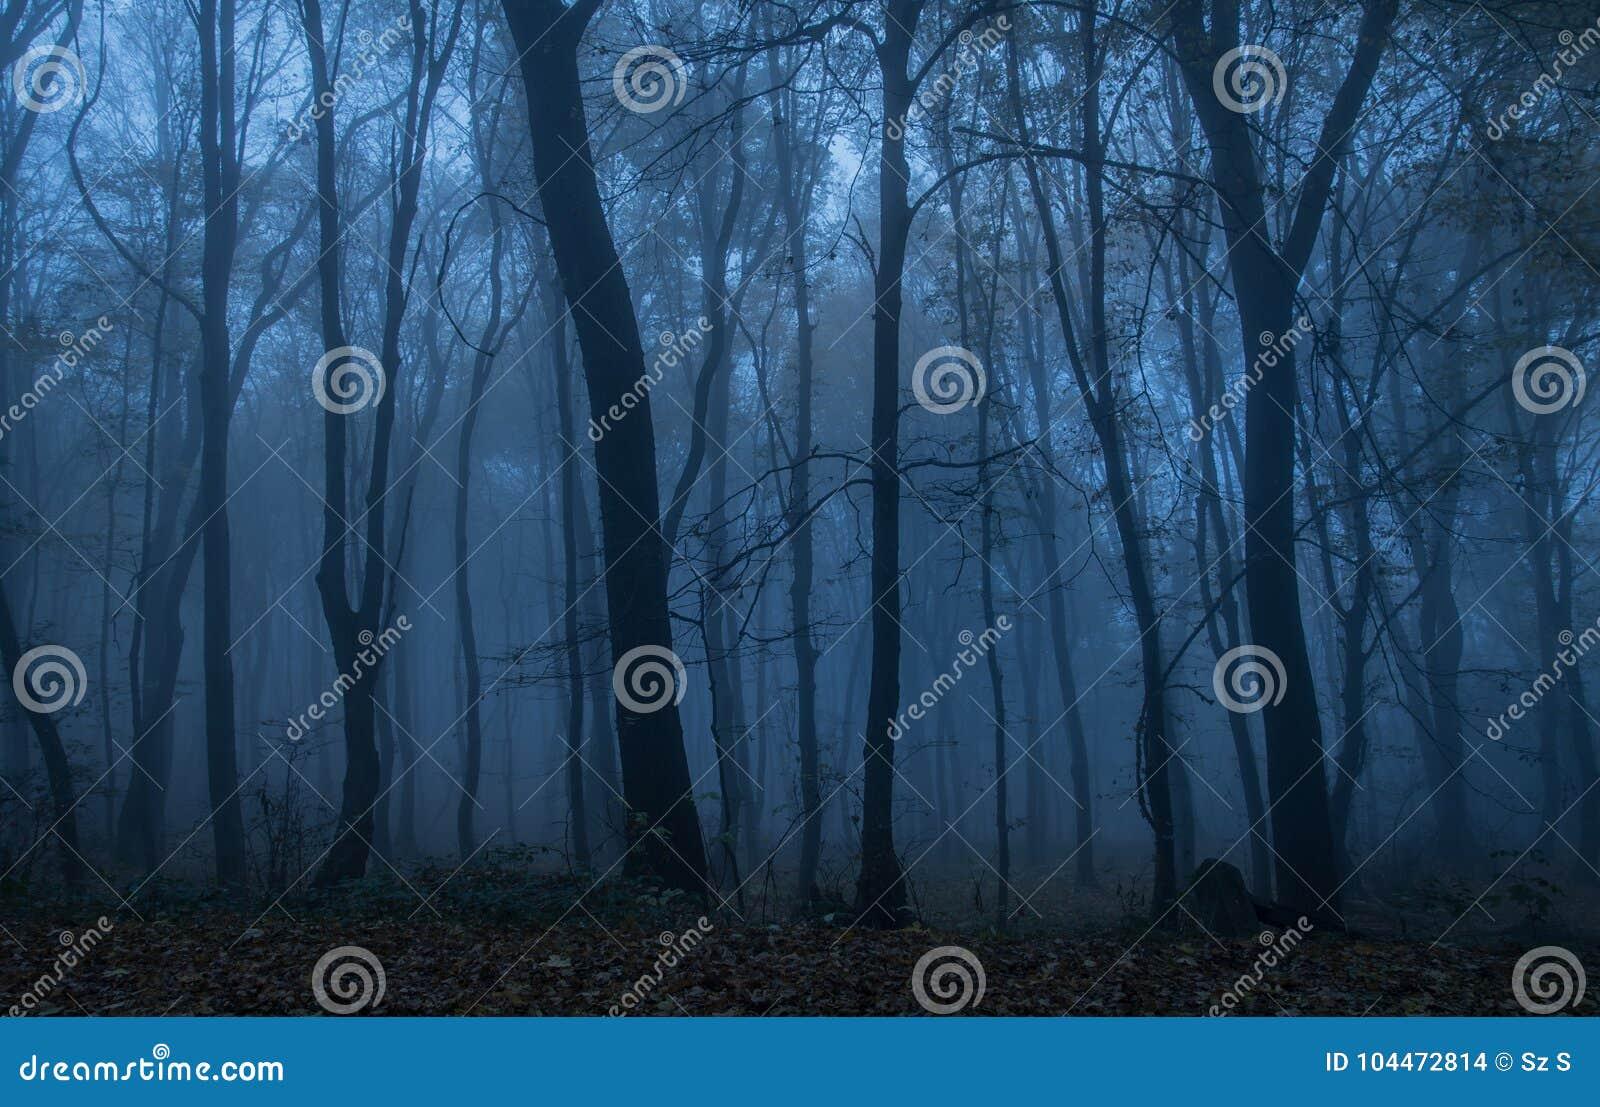 Bosque oscuro en la noche